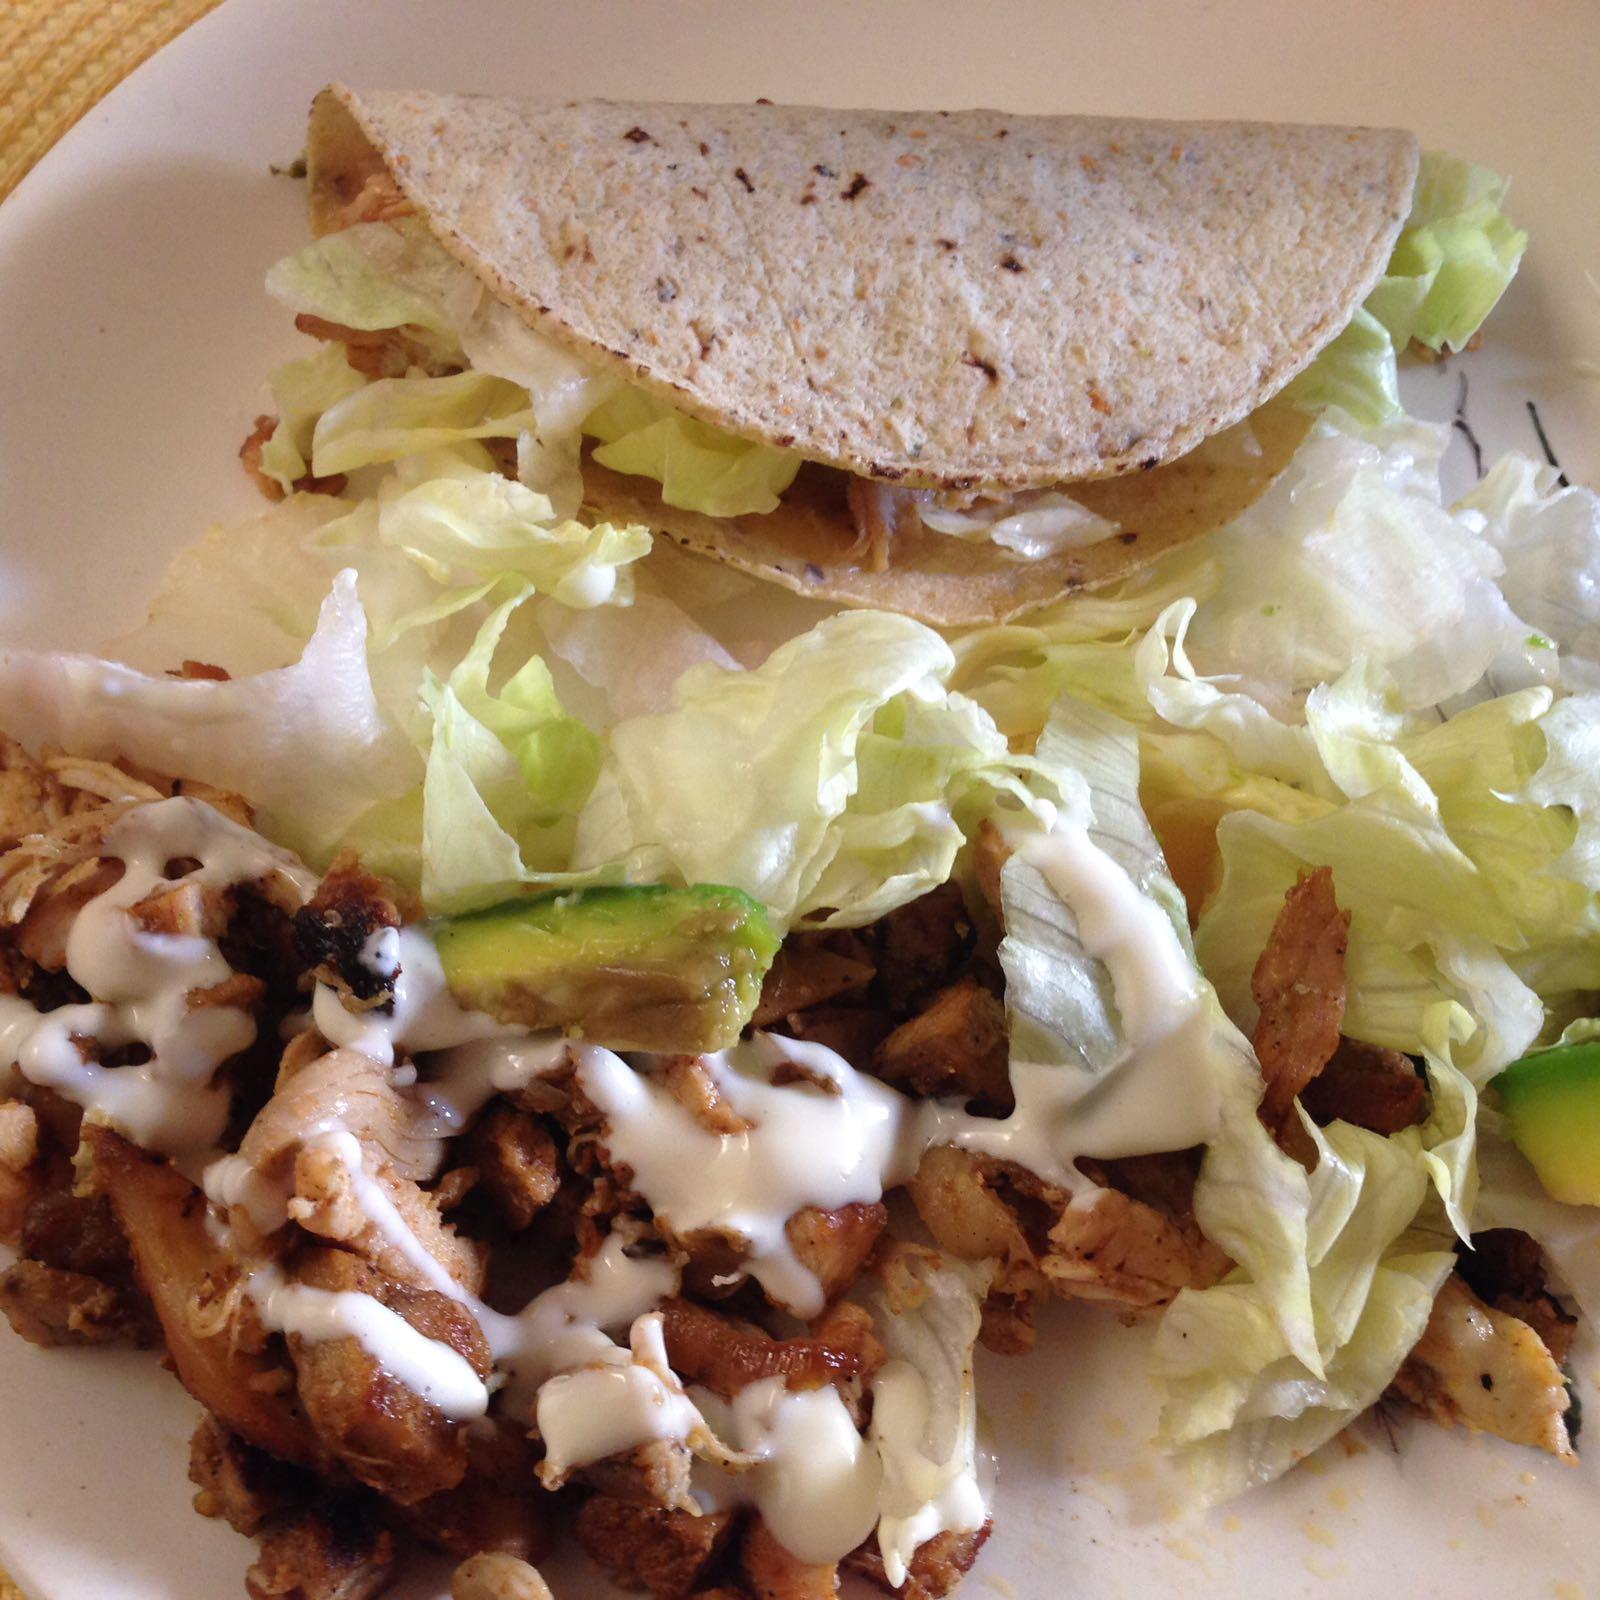 Tacos de pollo y crema de ajo (Chicken Tacos with garlic cream sauce)